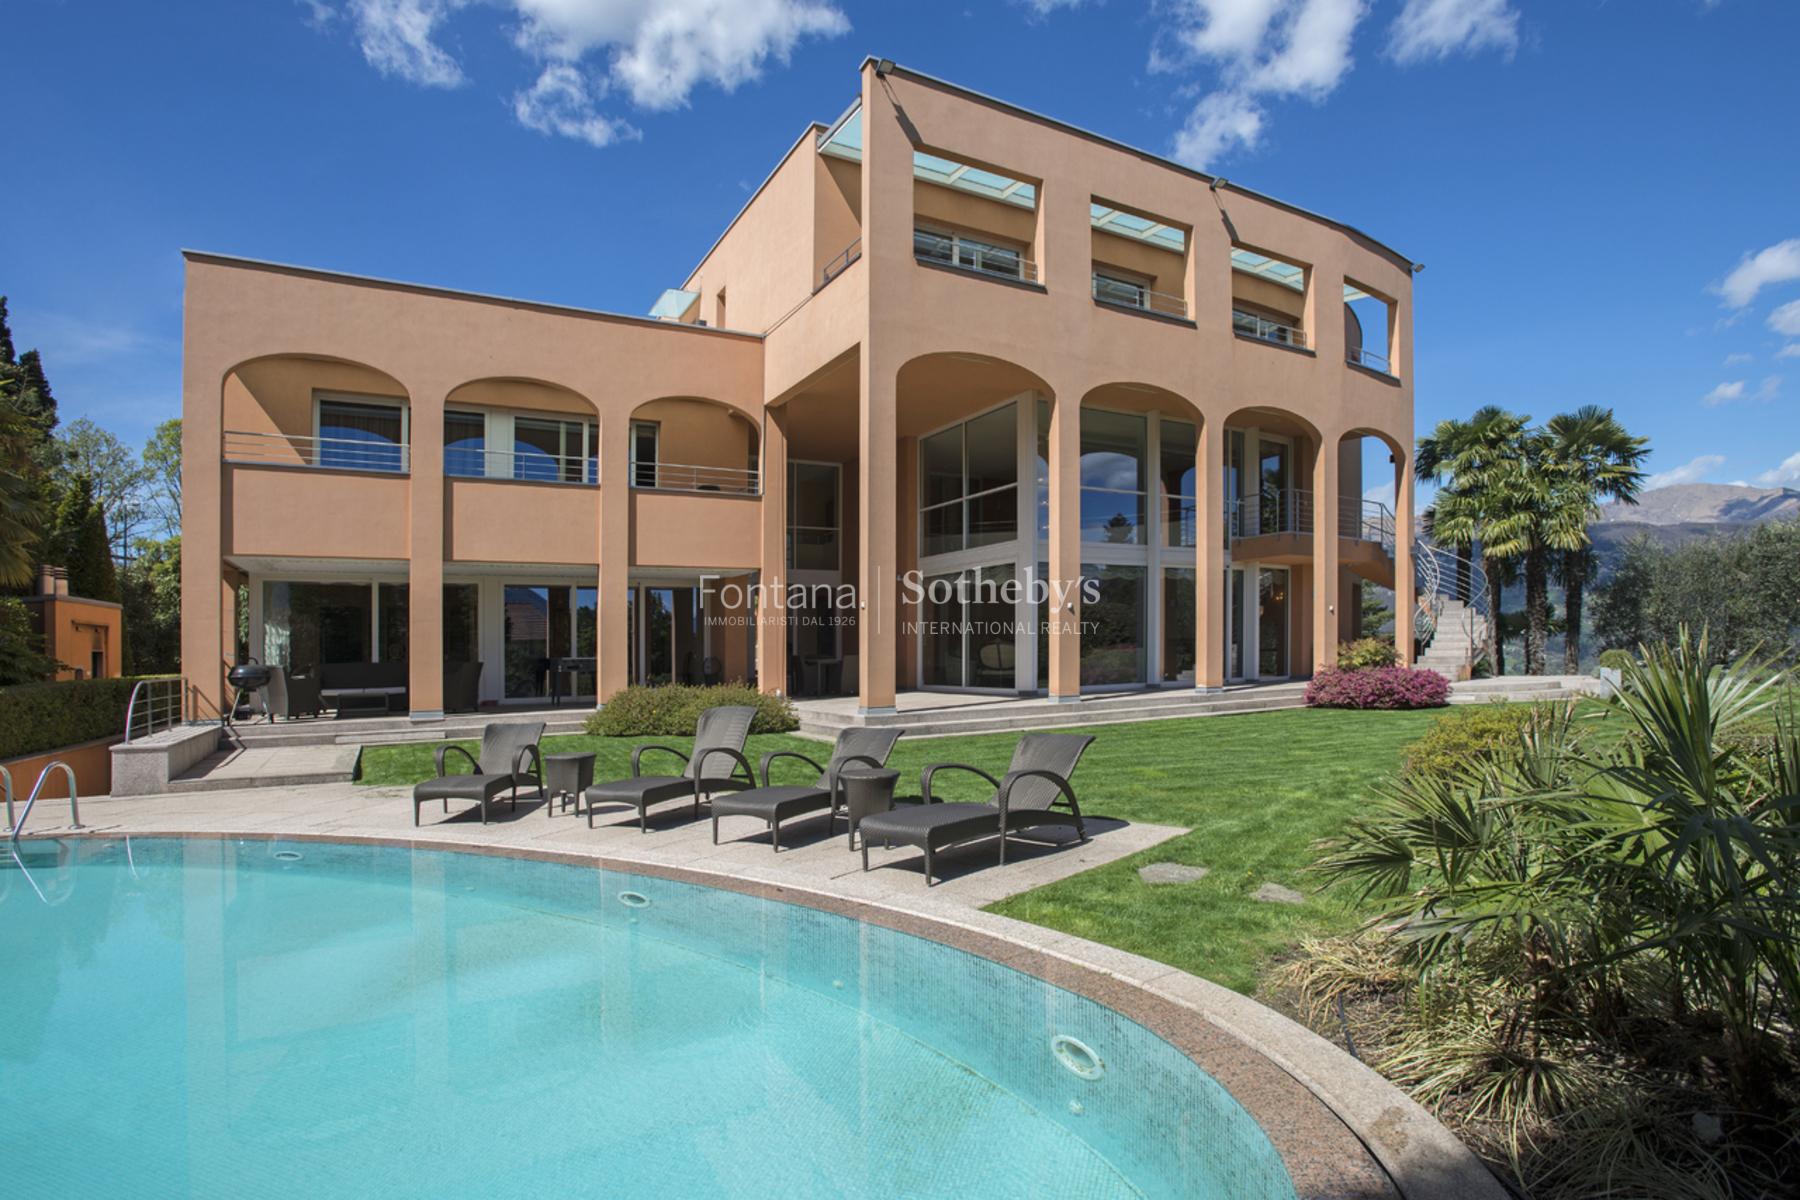 Single Family Home for Sale at Prestigious villa in requested Collina d'Oro Montagnola Montagnola, Ticino, 6926 Switzerland